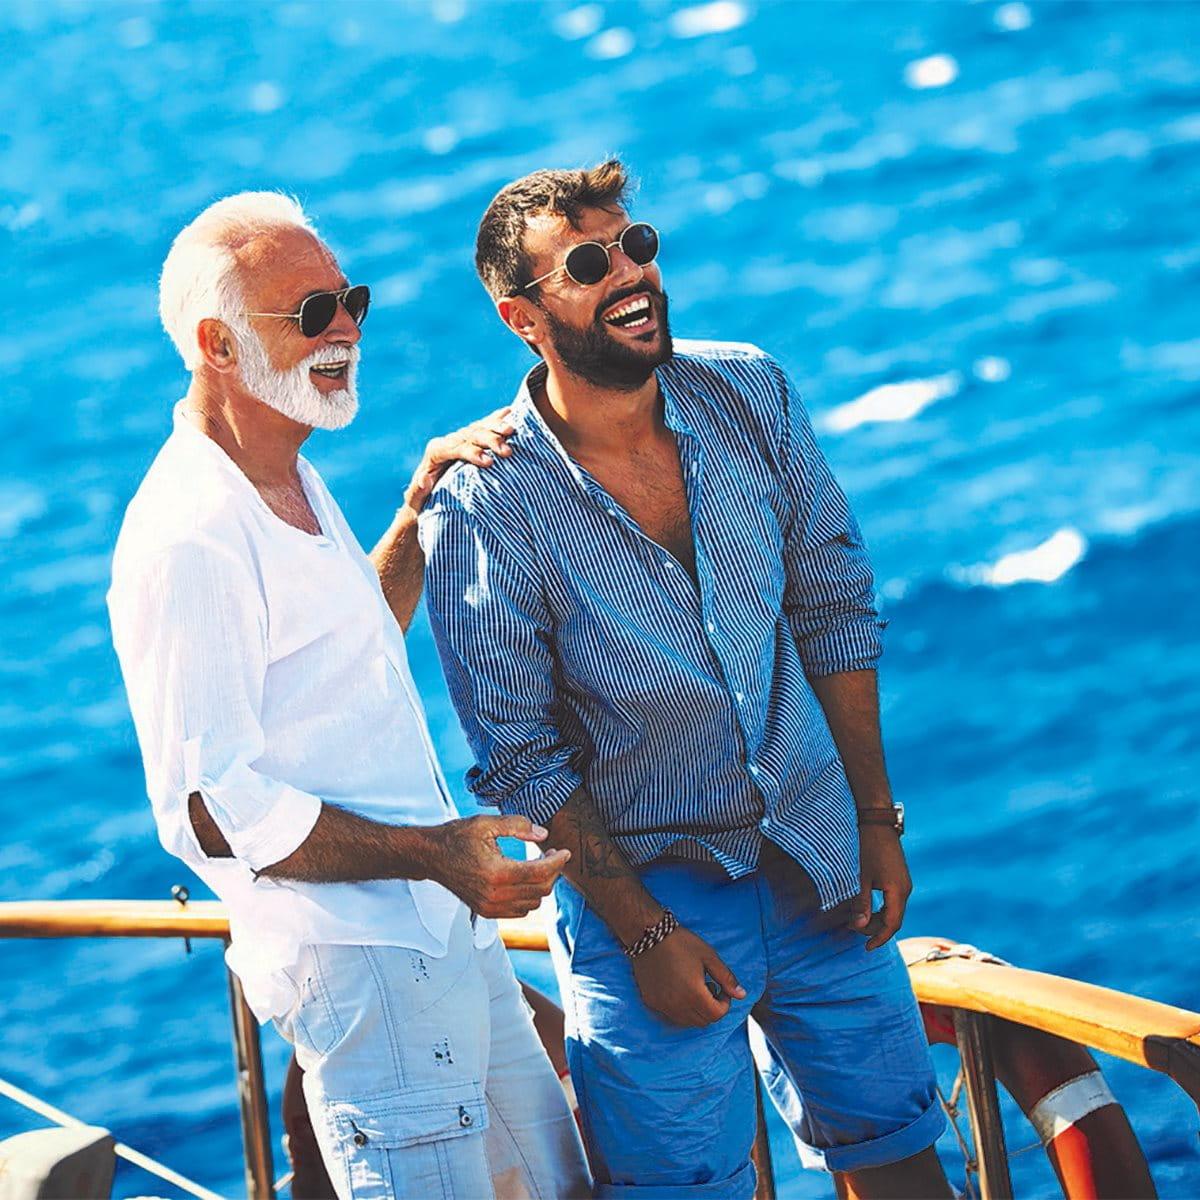 Vater und Sohn beim Segeln